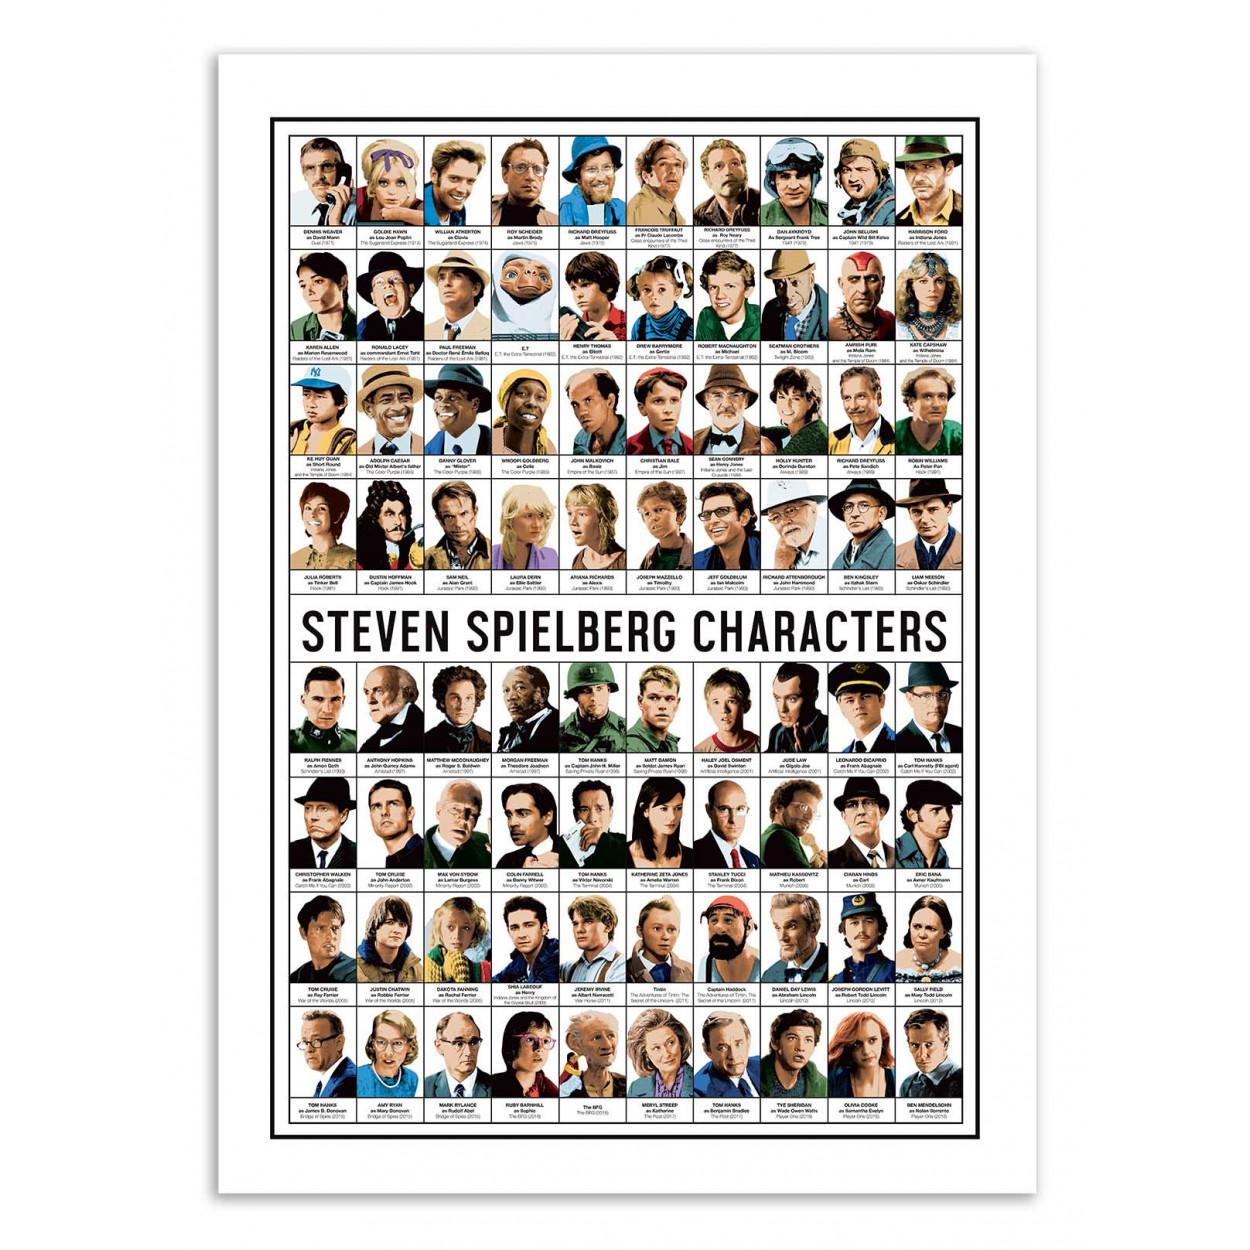 STEVEN SPIELBERG CHARACTERS - Affiche d'art 50 x 70 cm